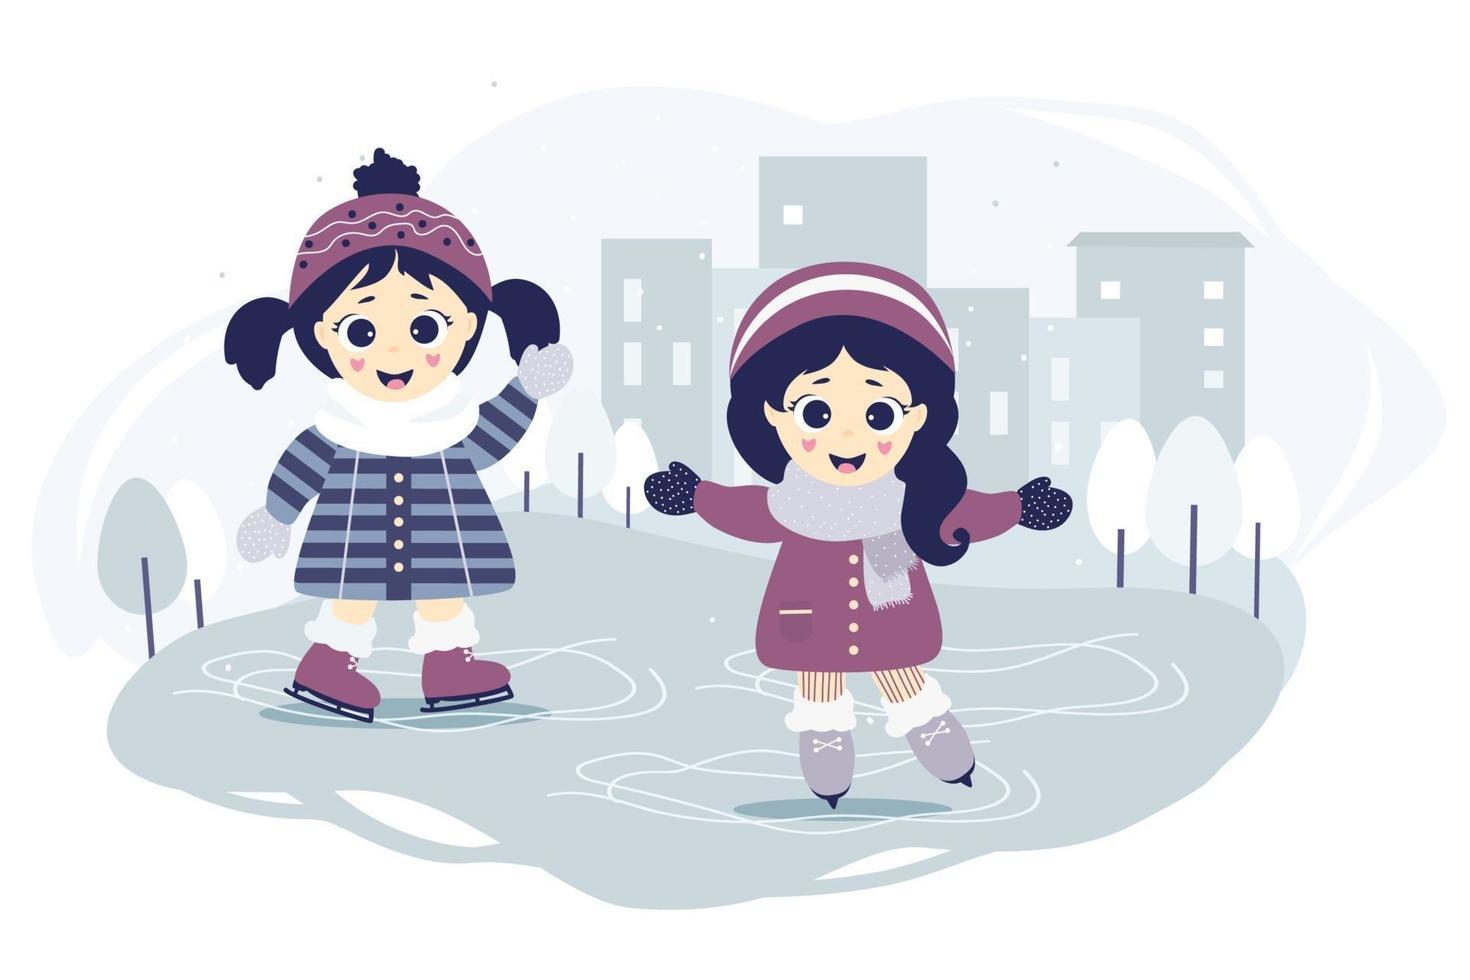 glada tjejer skridskoåkning vektor